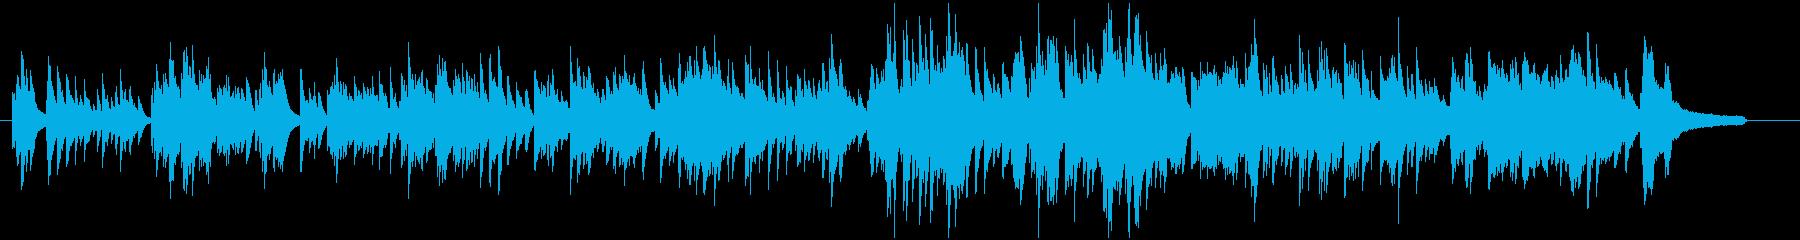 少ししっとりとした美しい感動的ピアノ曲の再生済みの波形